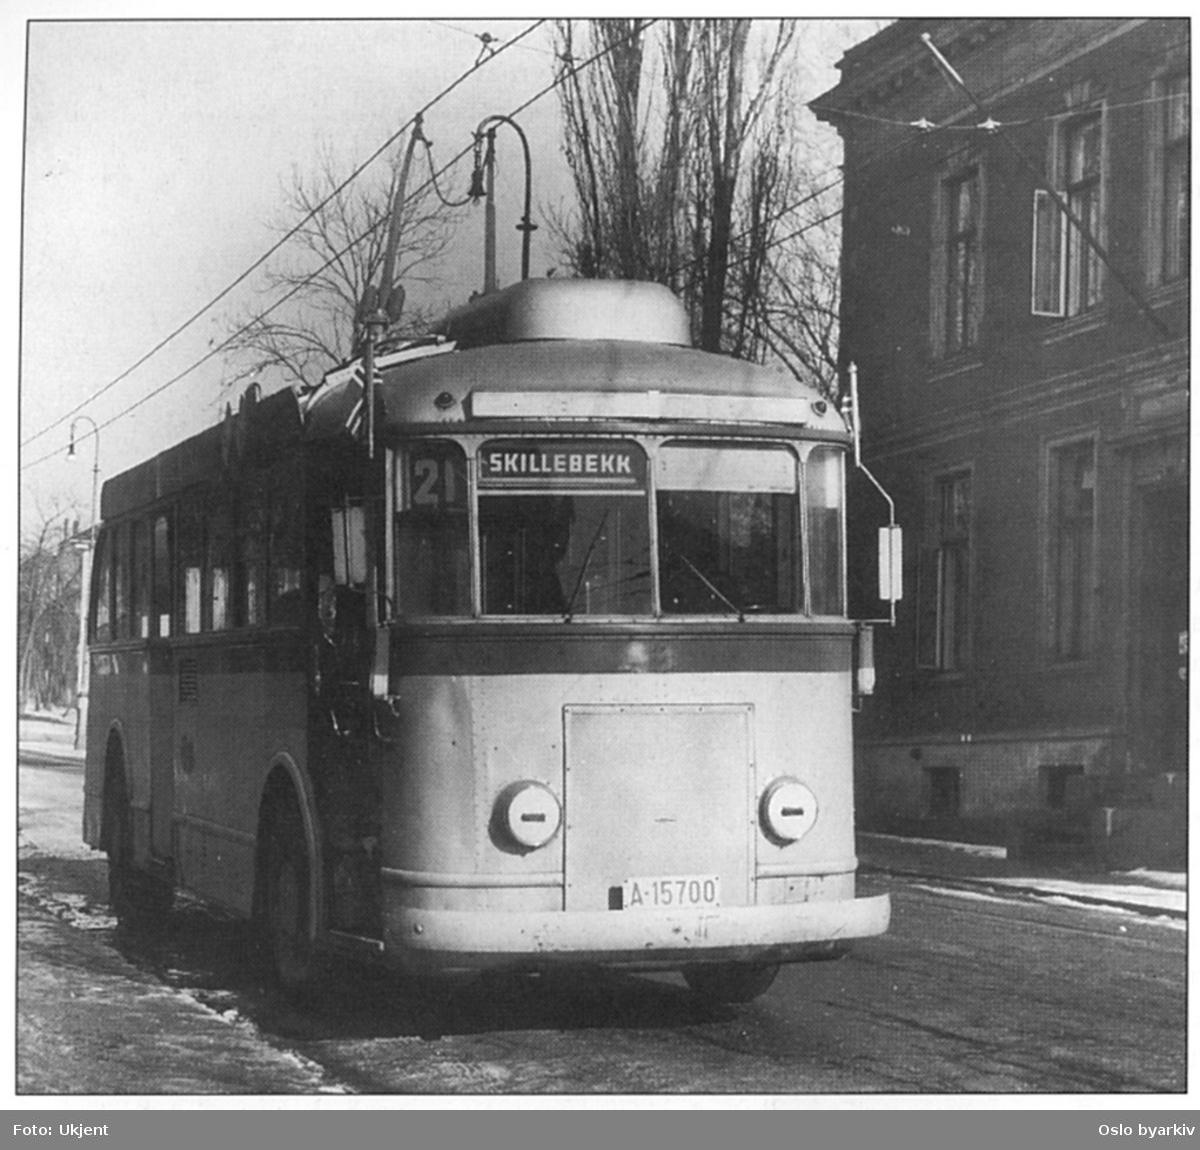 Oslo Sporveiers, A-15700 SV/NEBB ombygd 1943, linje 21 med blendede lykter. Destinasjonsskilt i front - Skillebekk